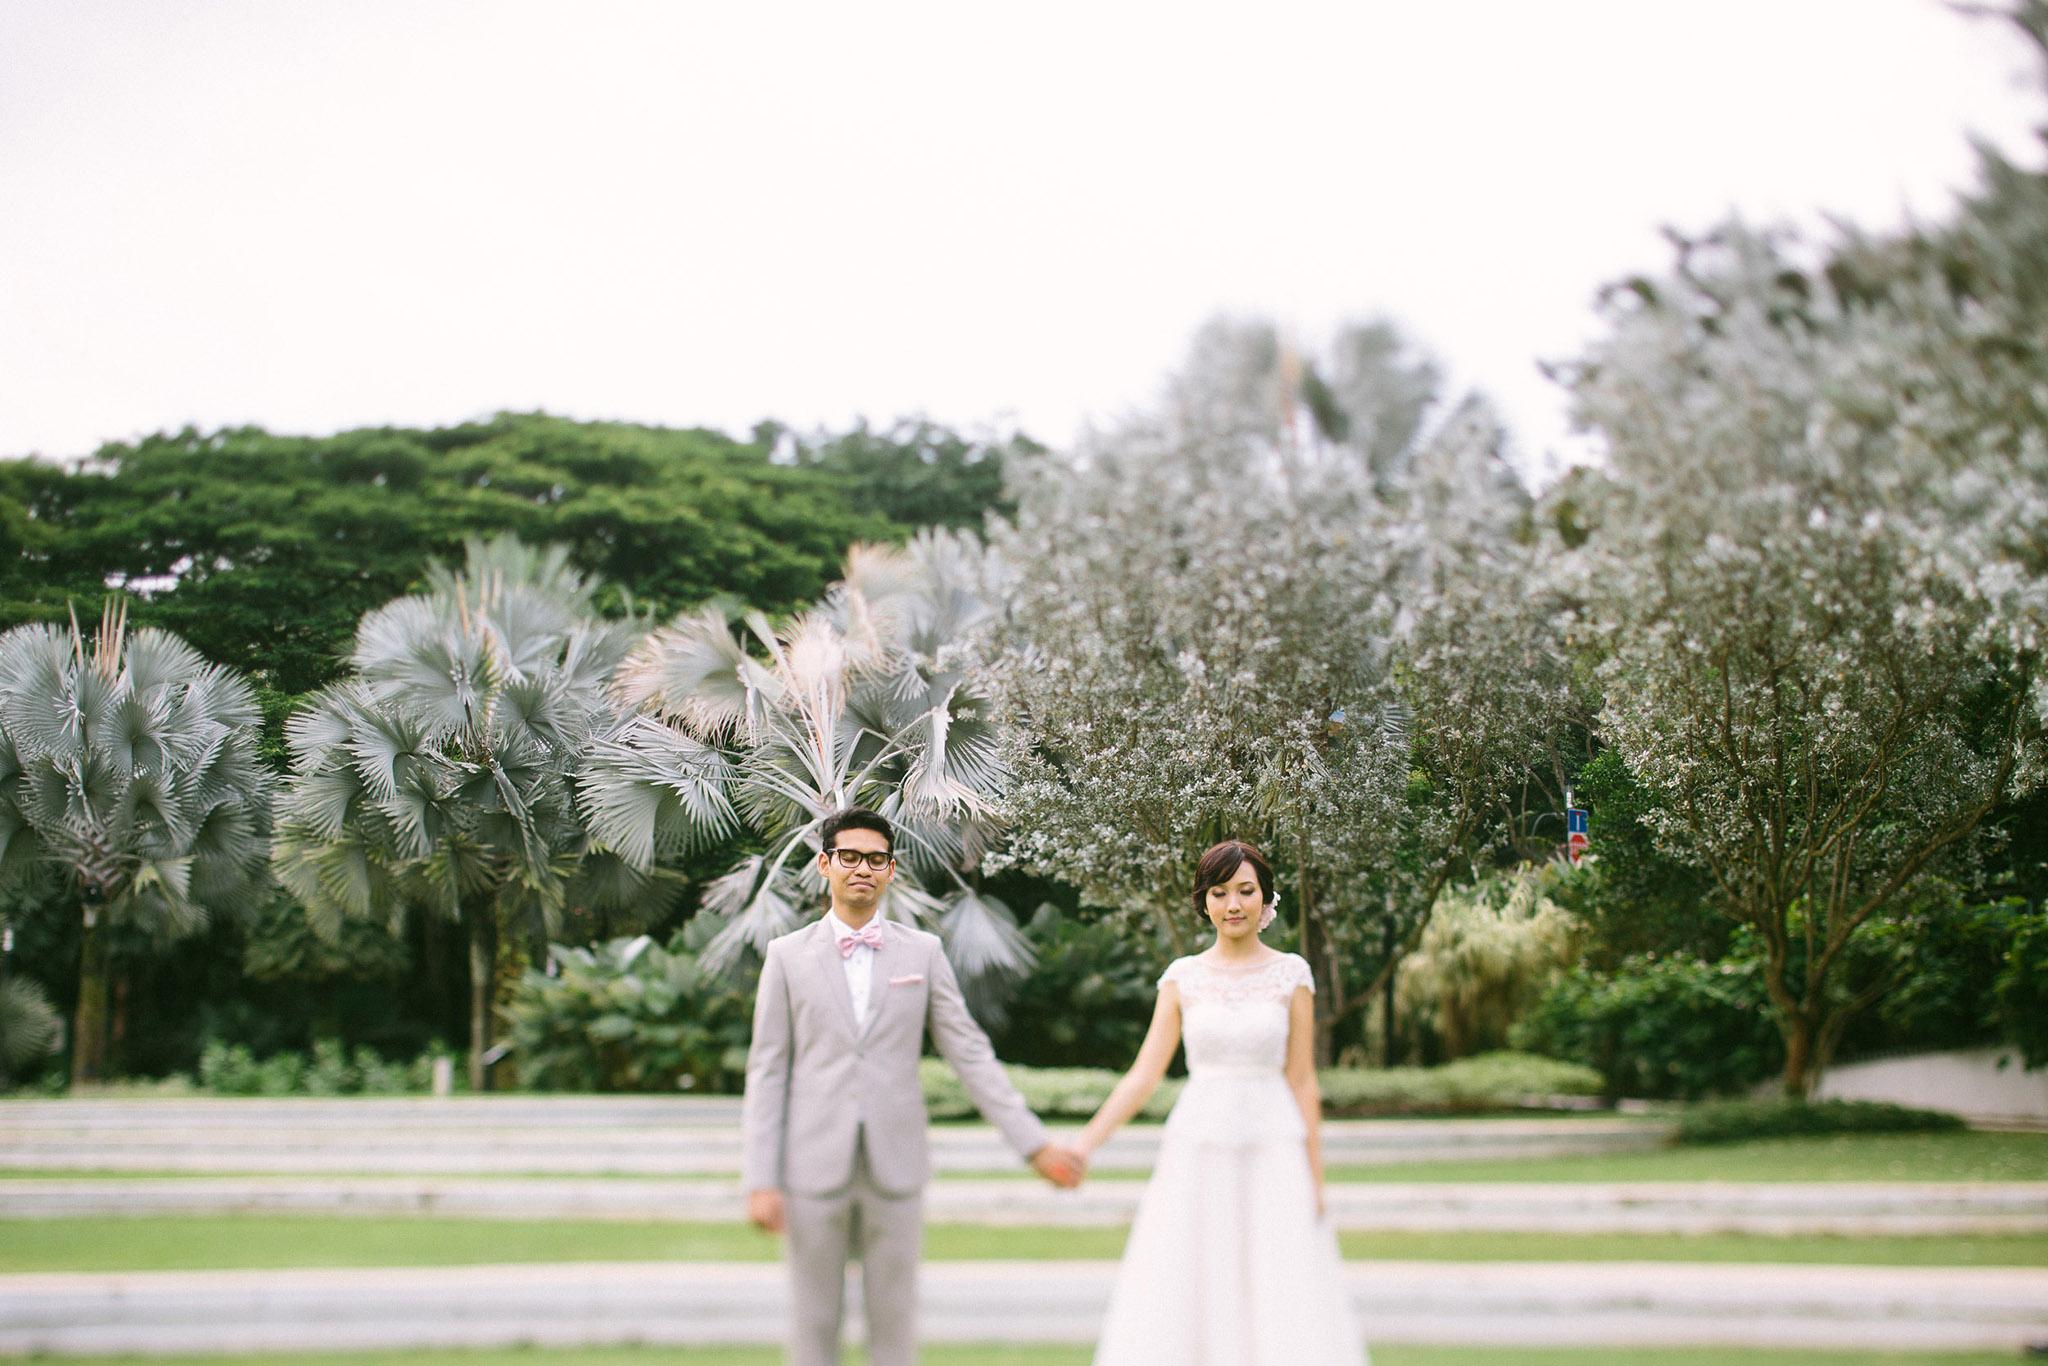 singapore-wedding-photographer-wemadethese-favourites-006.jpg